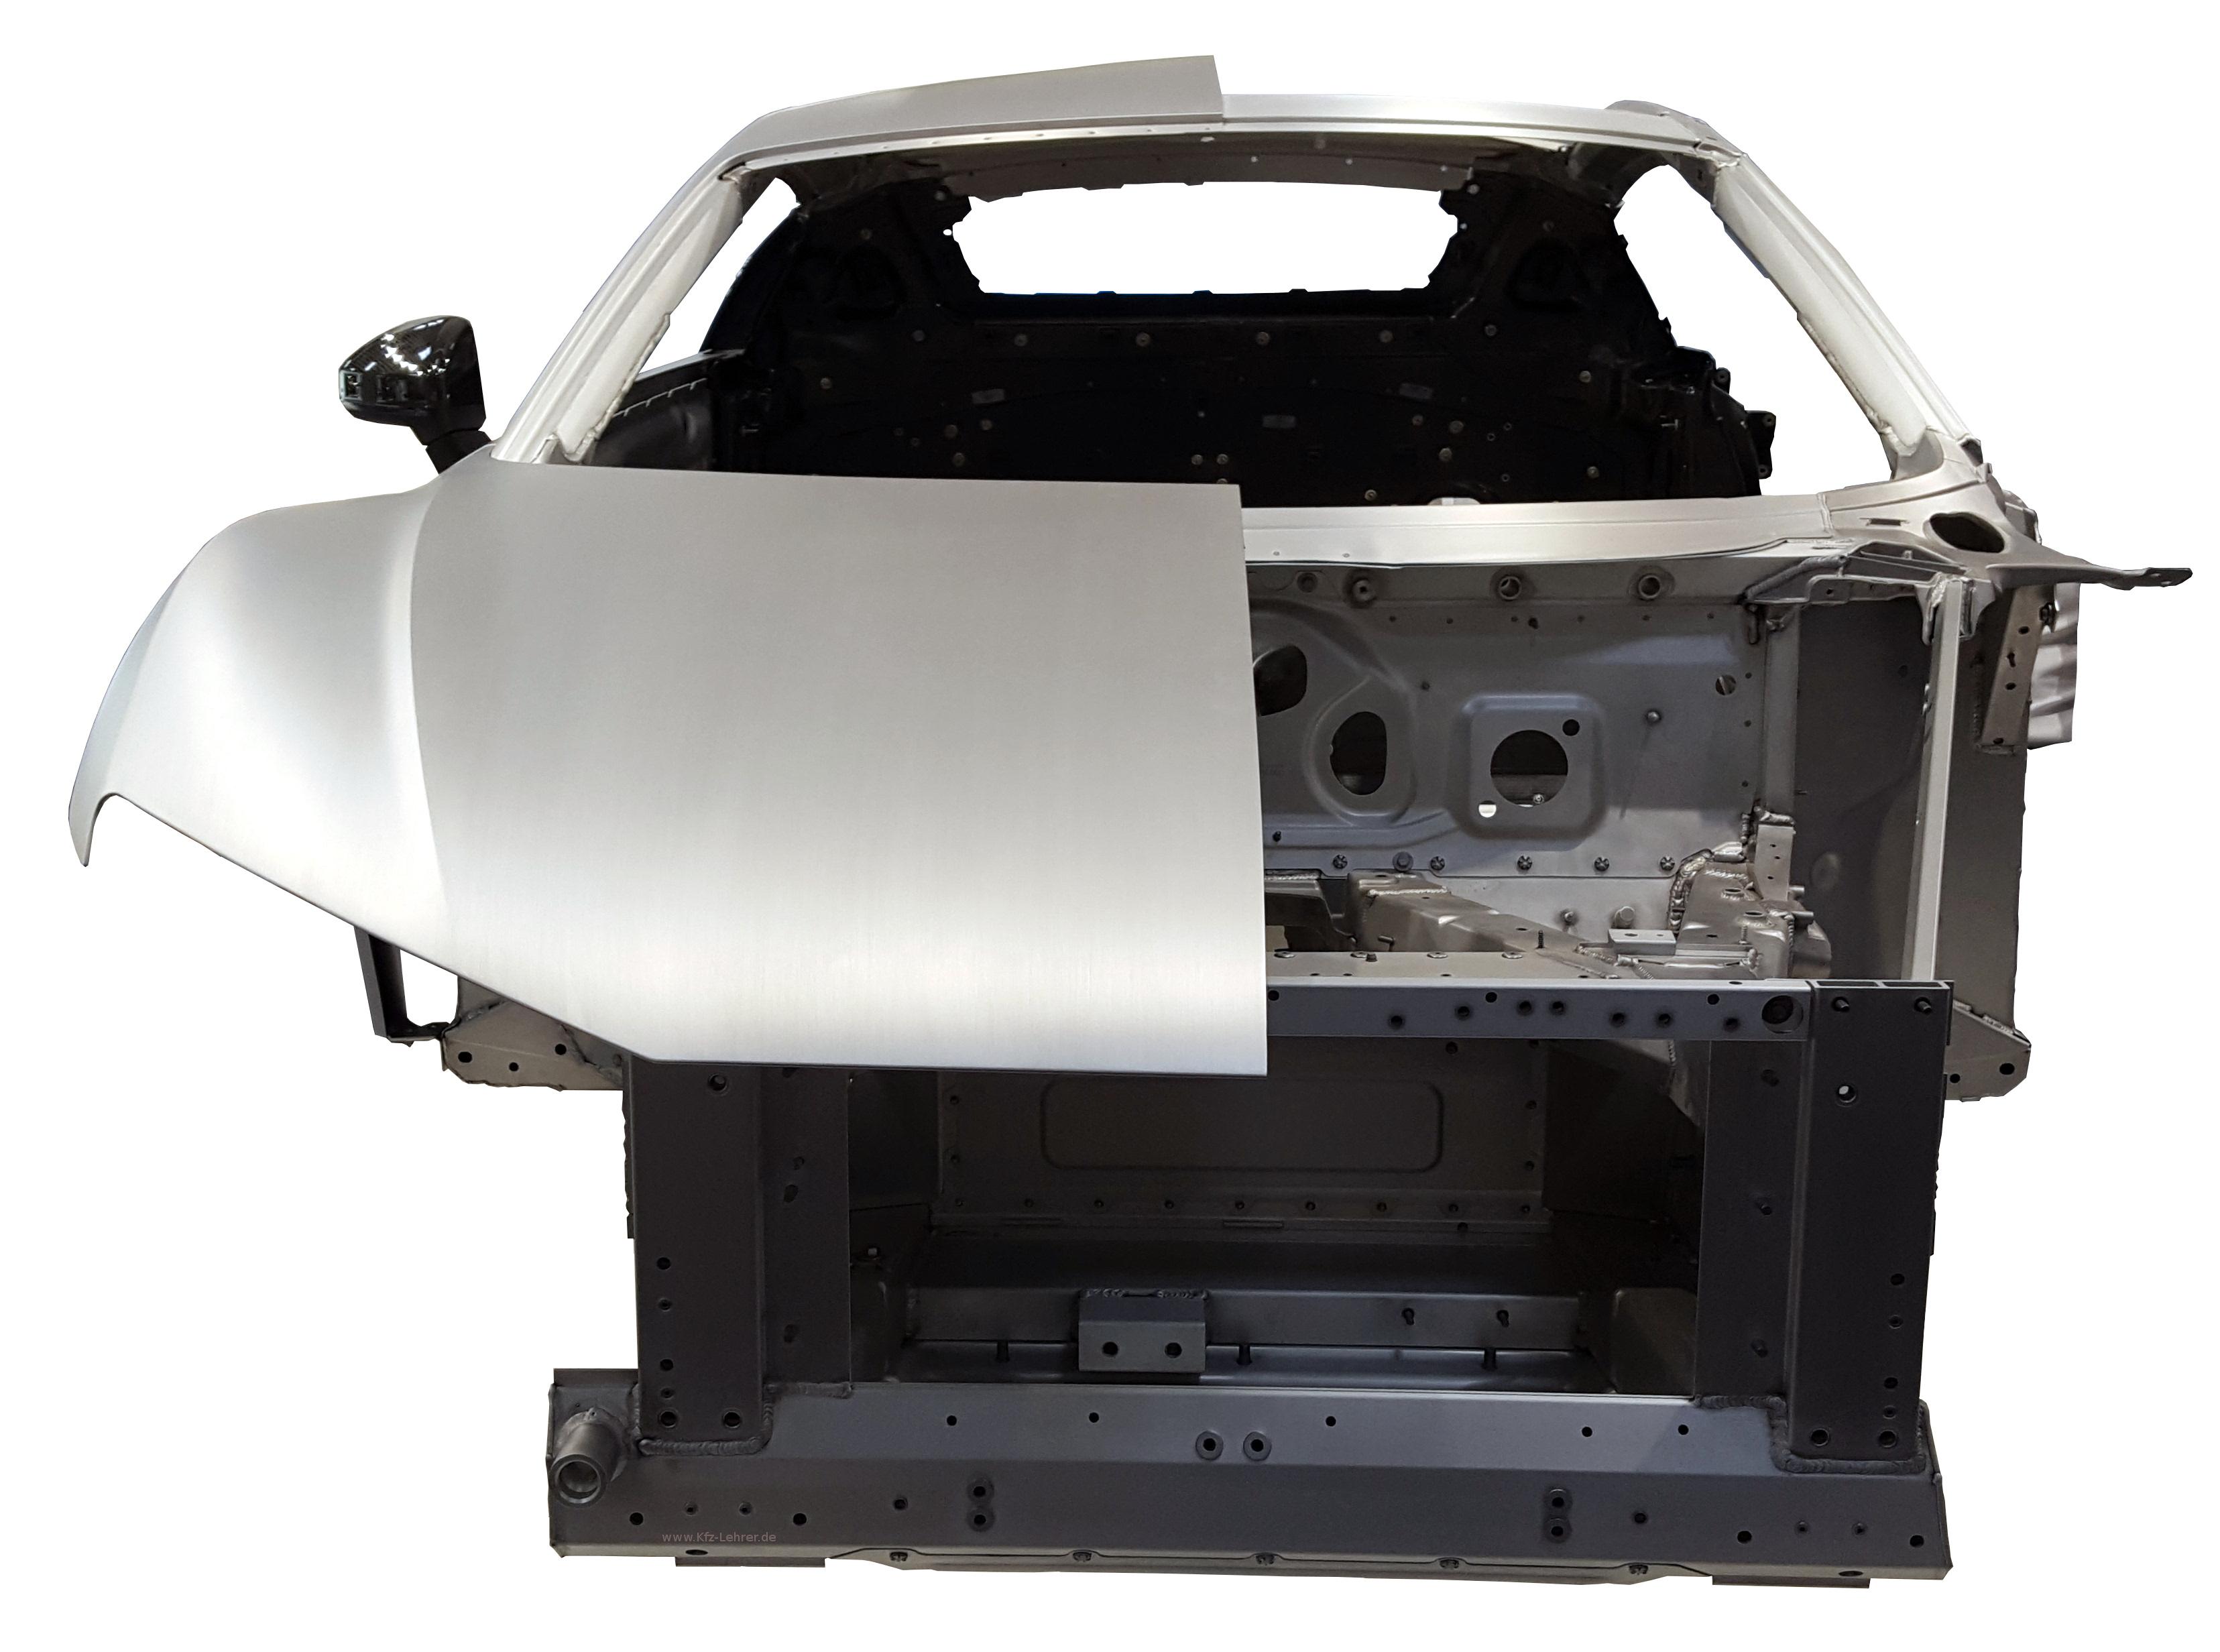 Blick auf die Rohkarosserie des Audi R8 von 2016 von vorn